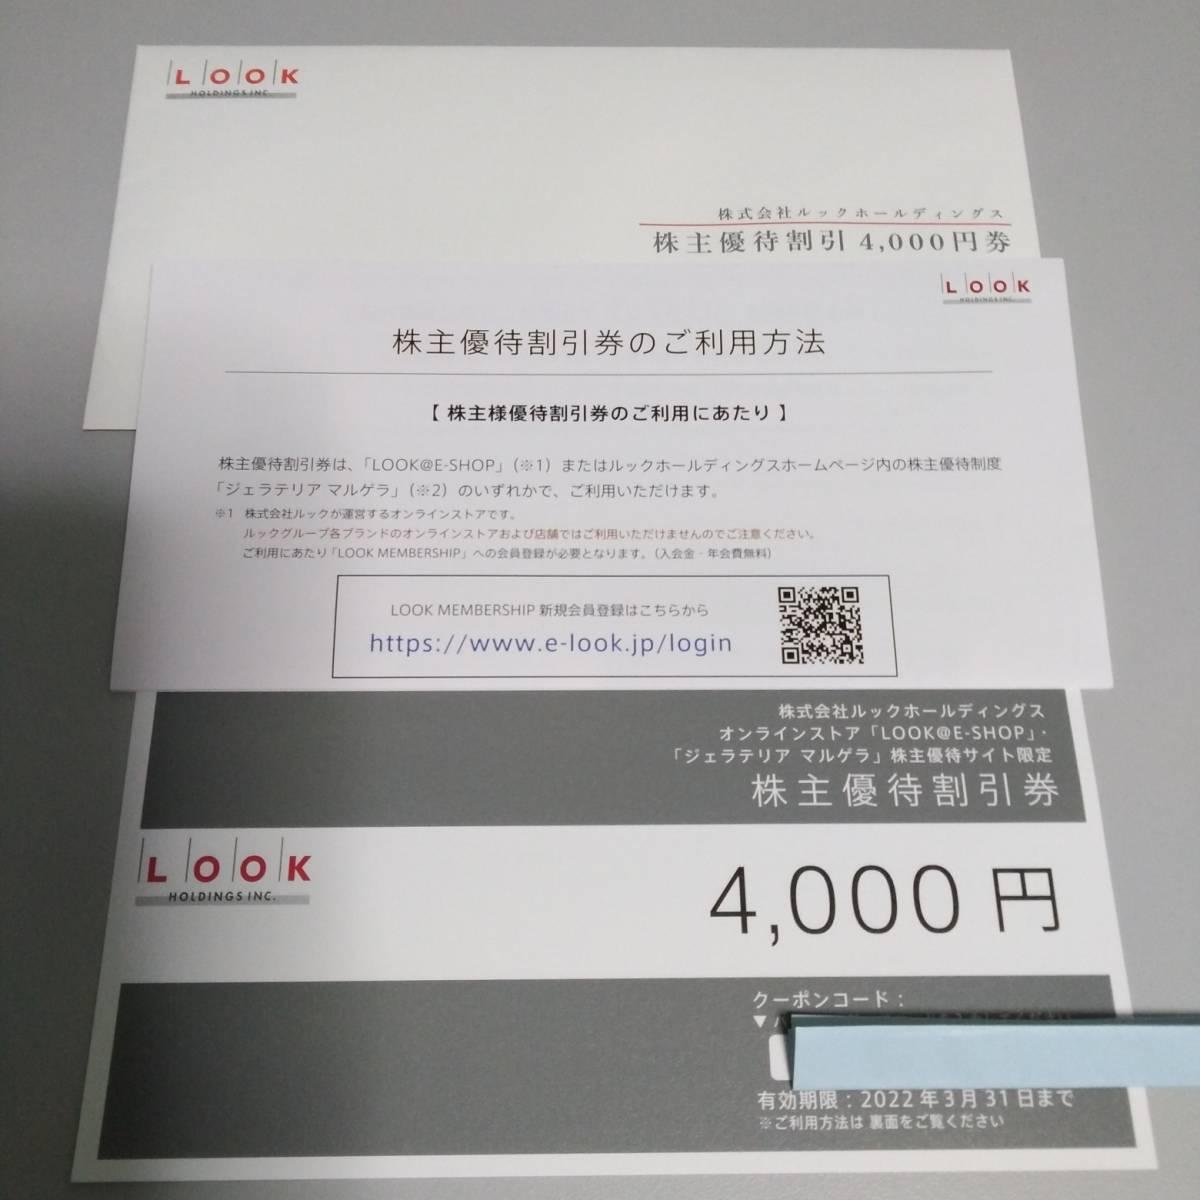 最新 株主優待 ルックホールディングス 割引券4000円 2022年3月31日まで コード通知送料無料_画像1